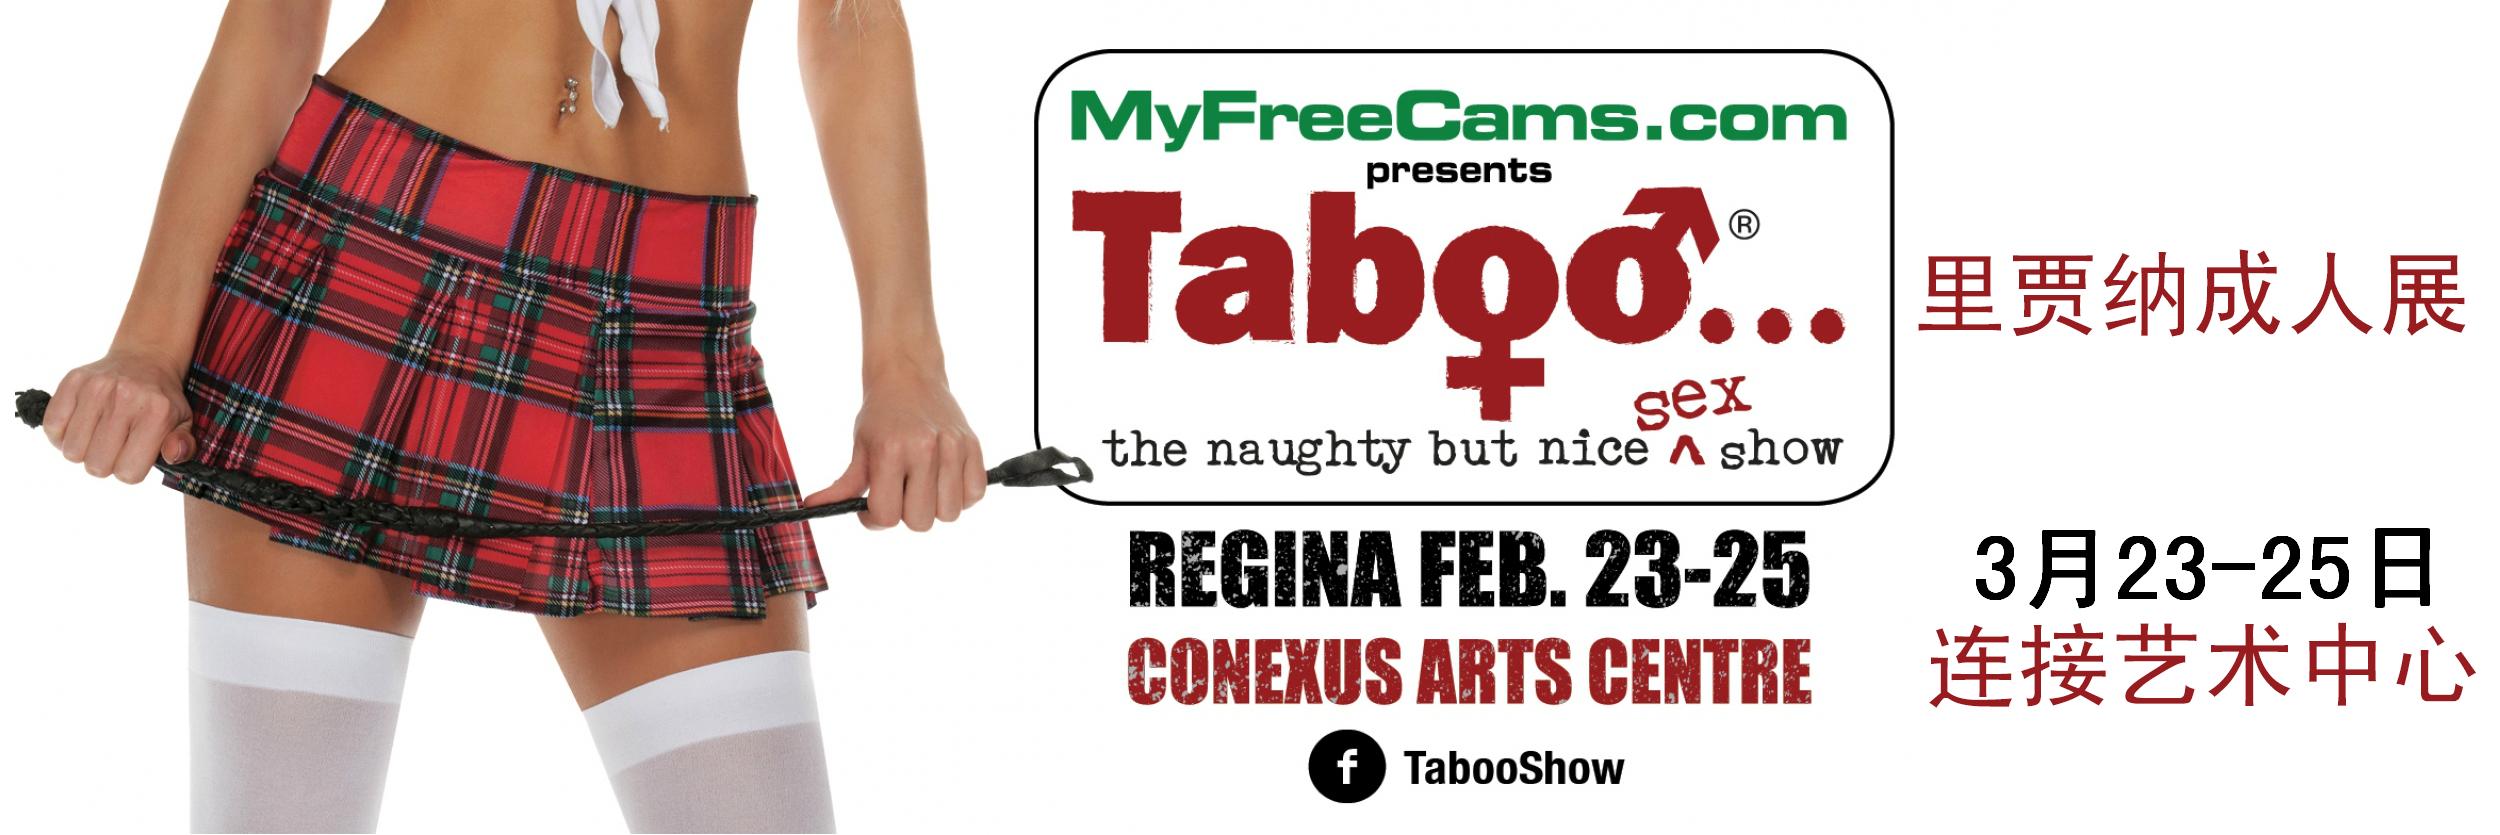 2018加拿大里贾纳成人展TabooShow横幅banner